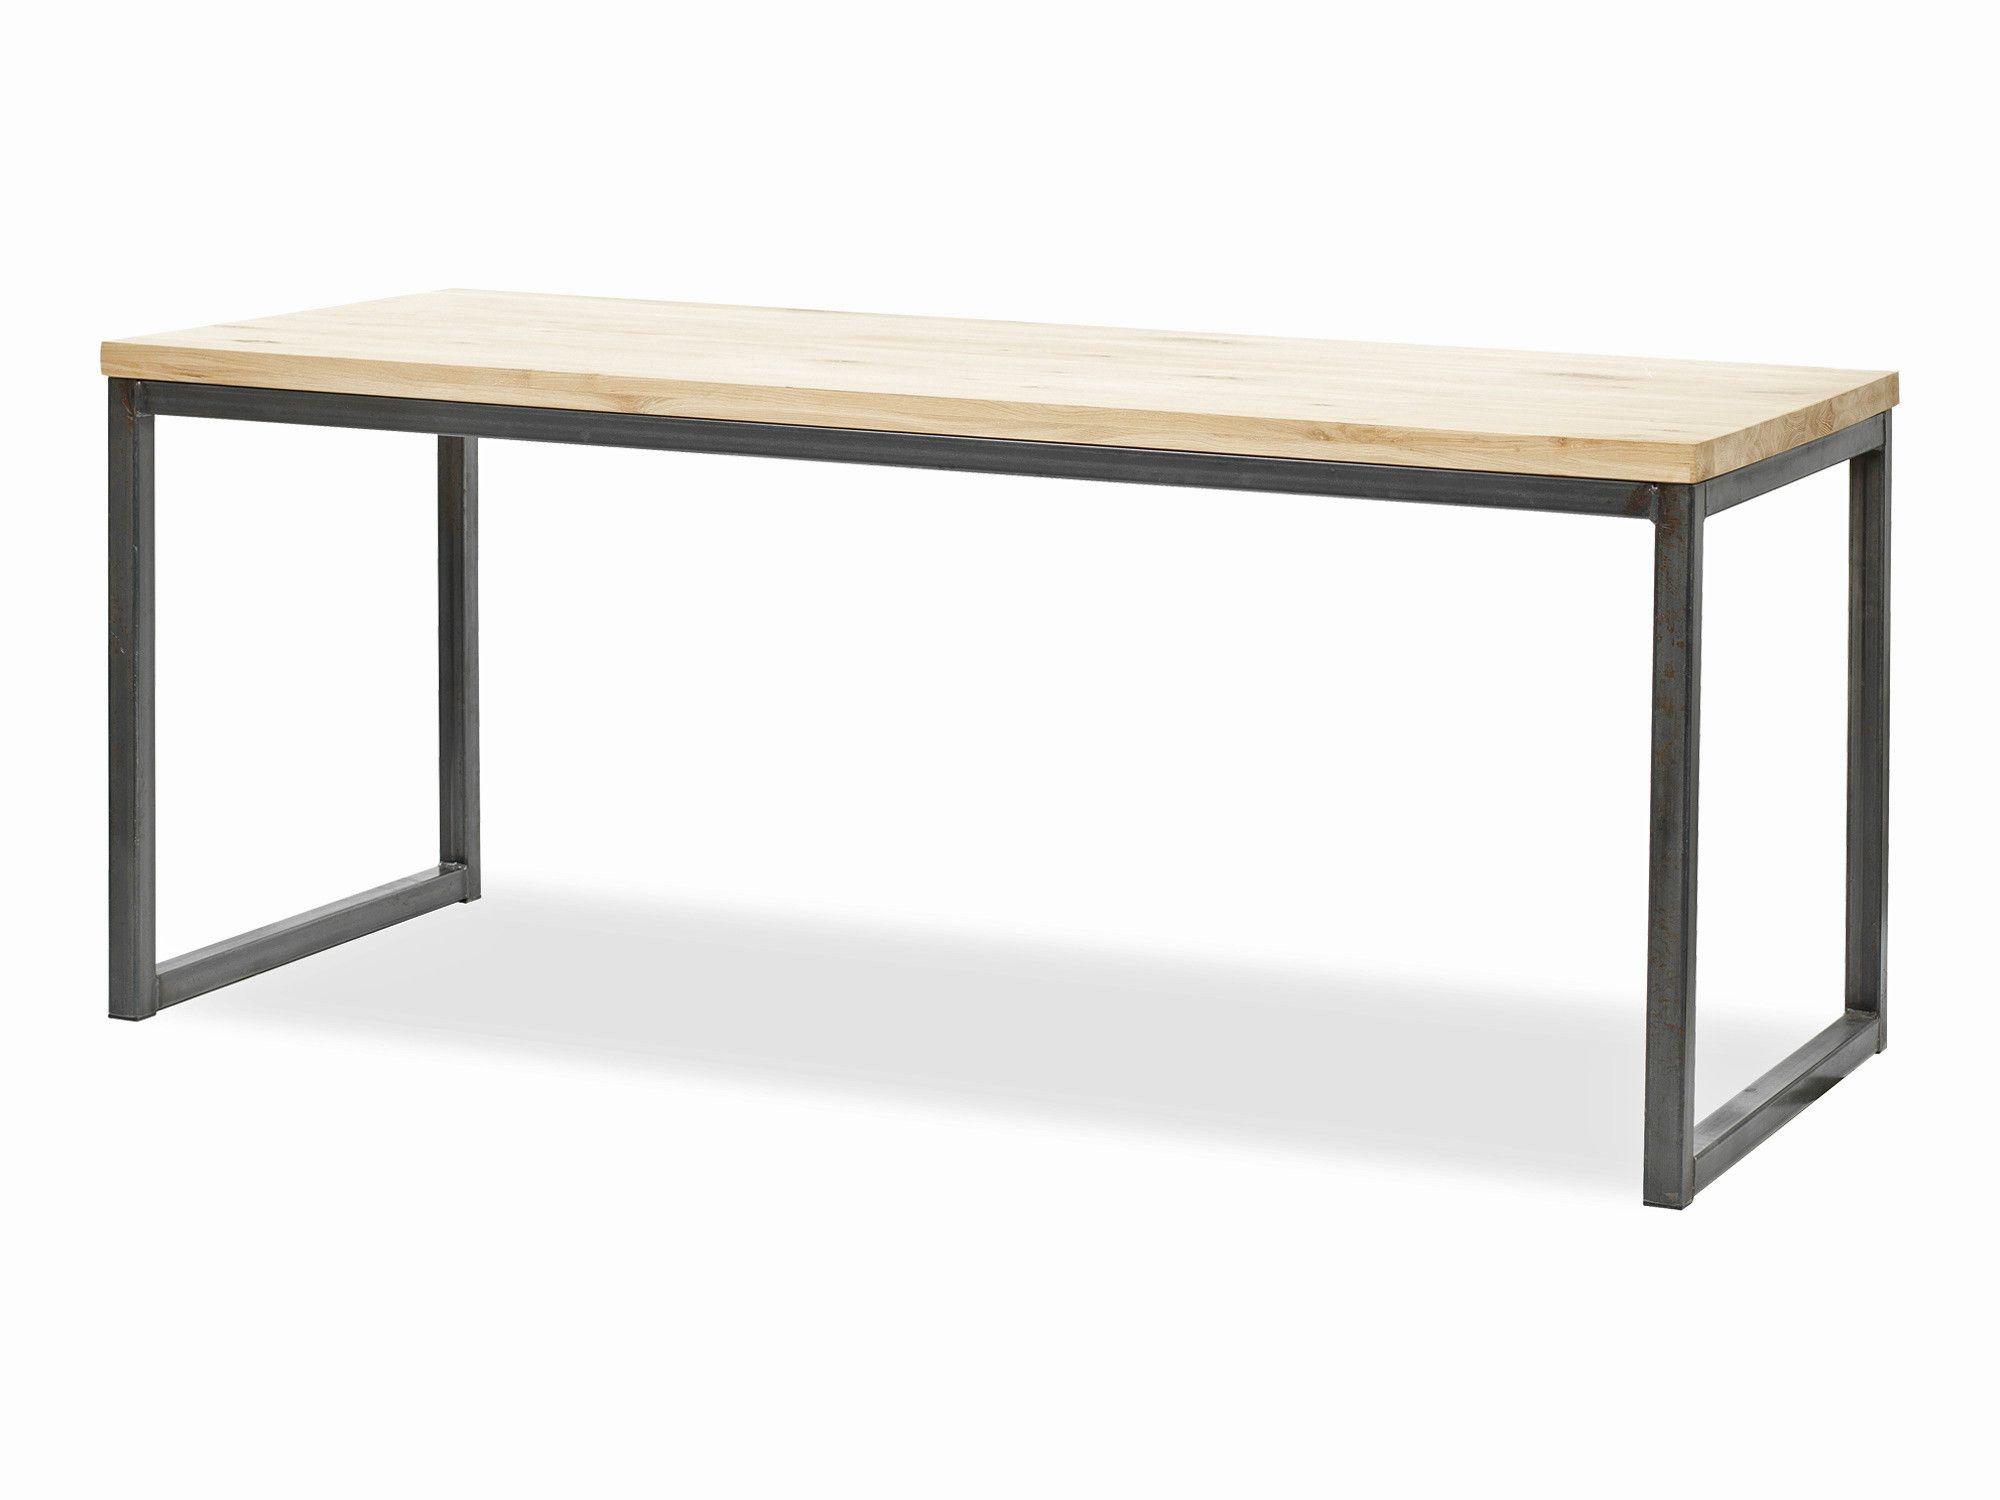 Tafel Olav eiken | maat 160x80 cm | matte transparante lak | extra mogelijkheden